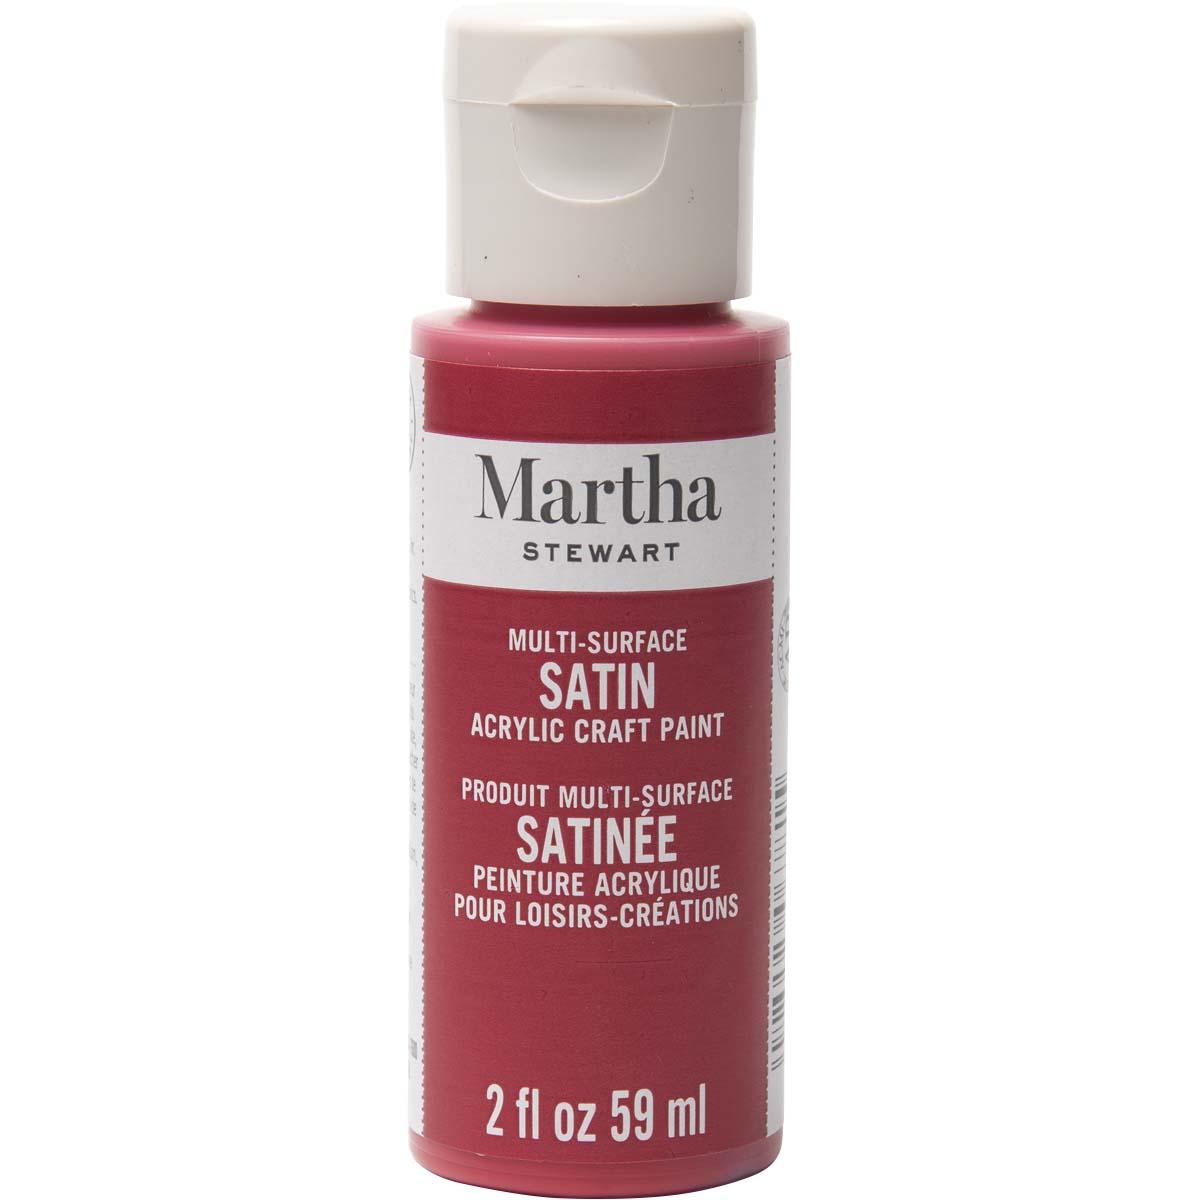 Martha Stewart® 2oz Multi-Surface Satin Acrylic Craft Paint - Habanero